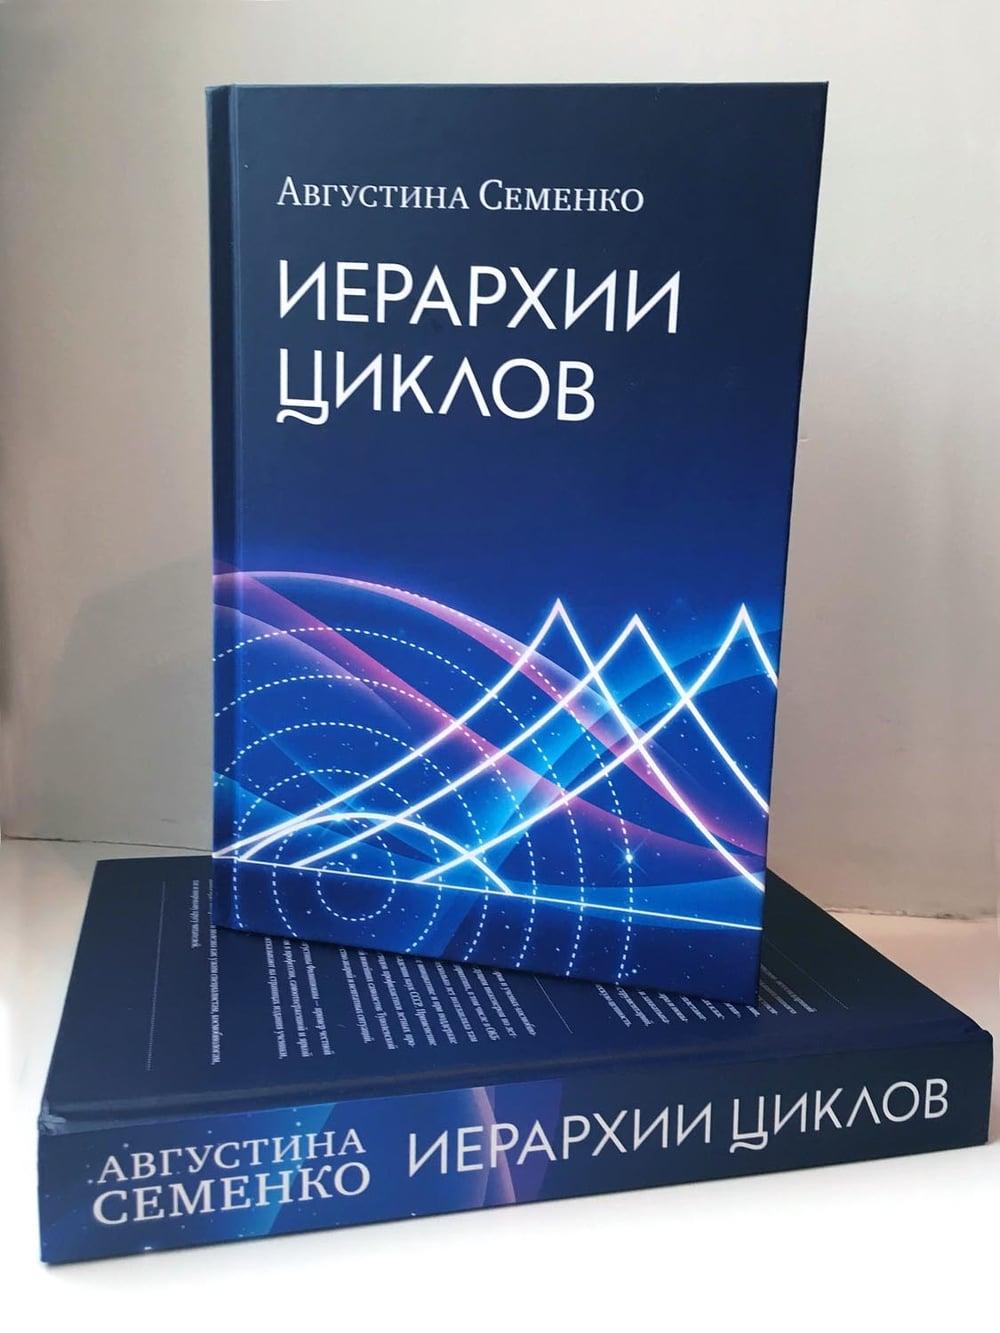 semenko_book.jpg